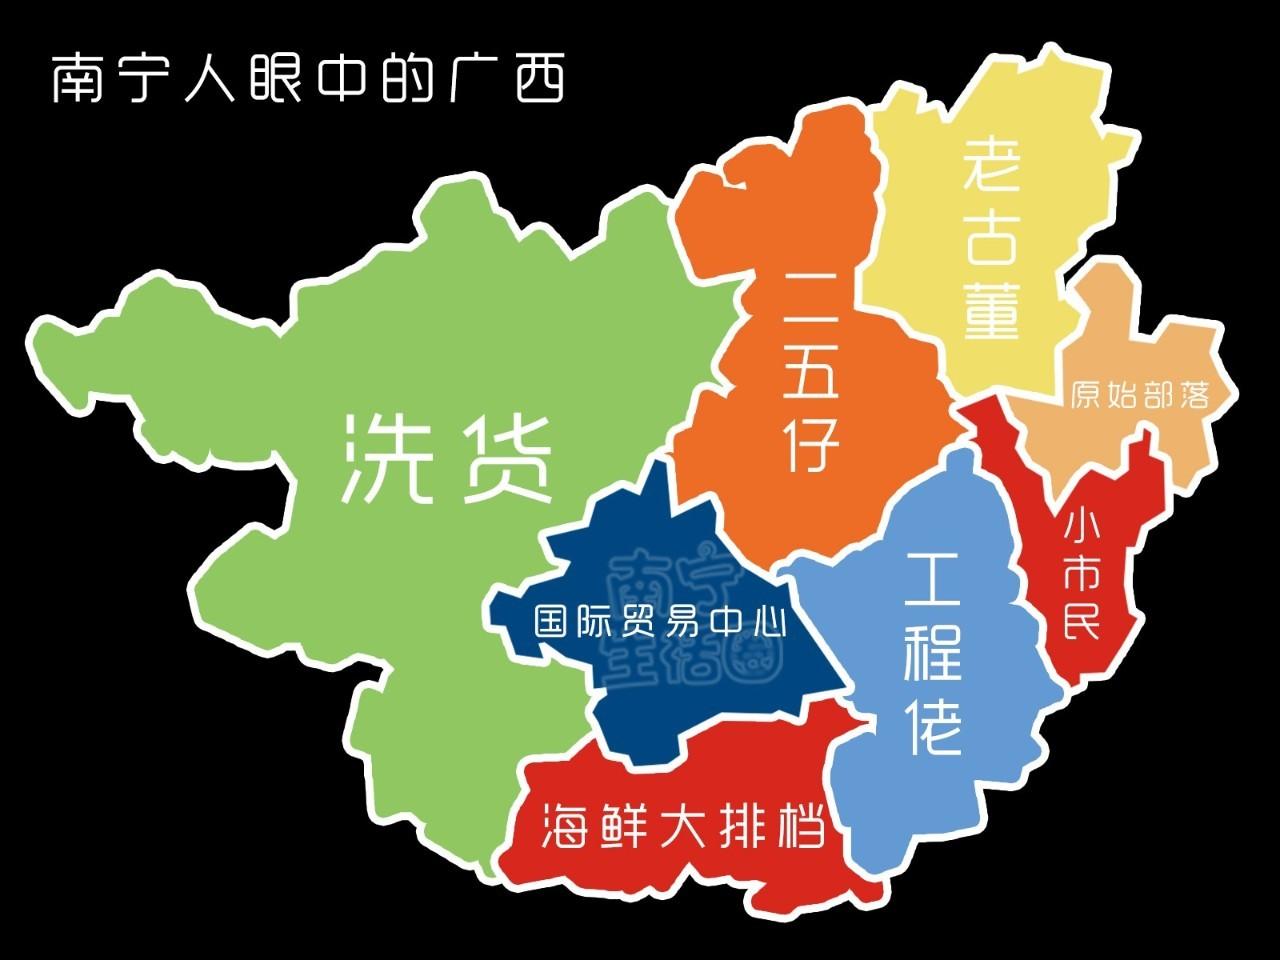 马山县经济总量_马山县金伦中学图片